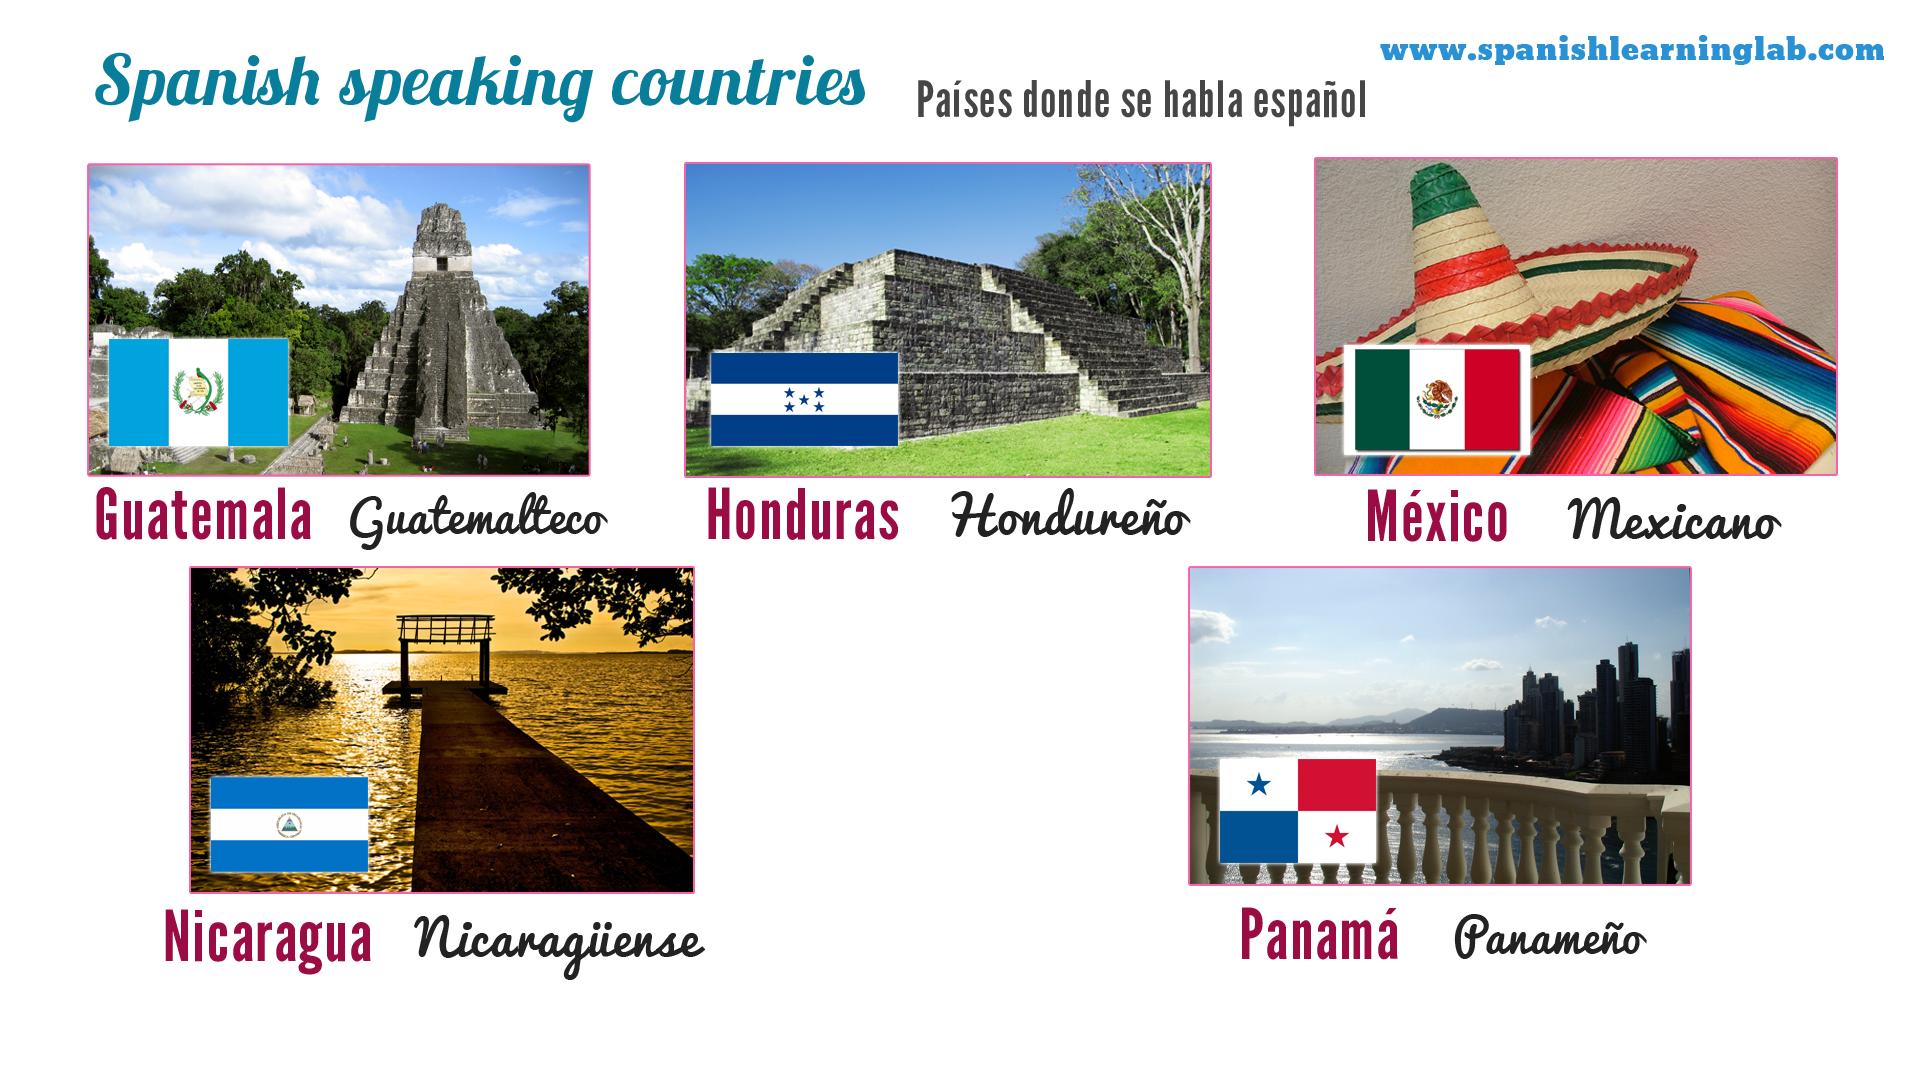 More Spanish Speaking Countries Spanish Classroom Spanish Speaking Countries Spanish